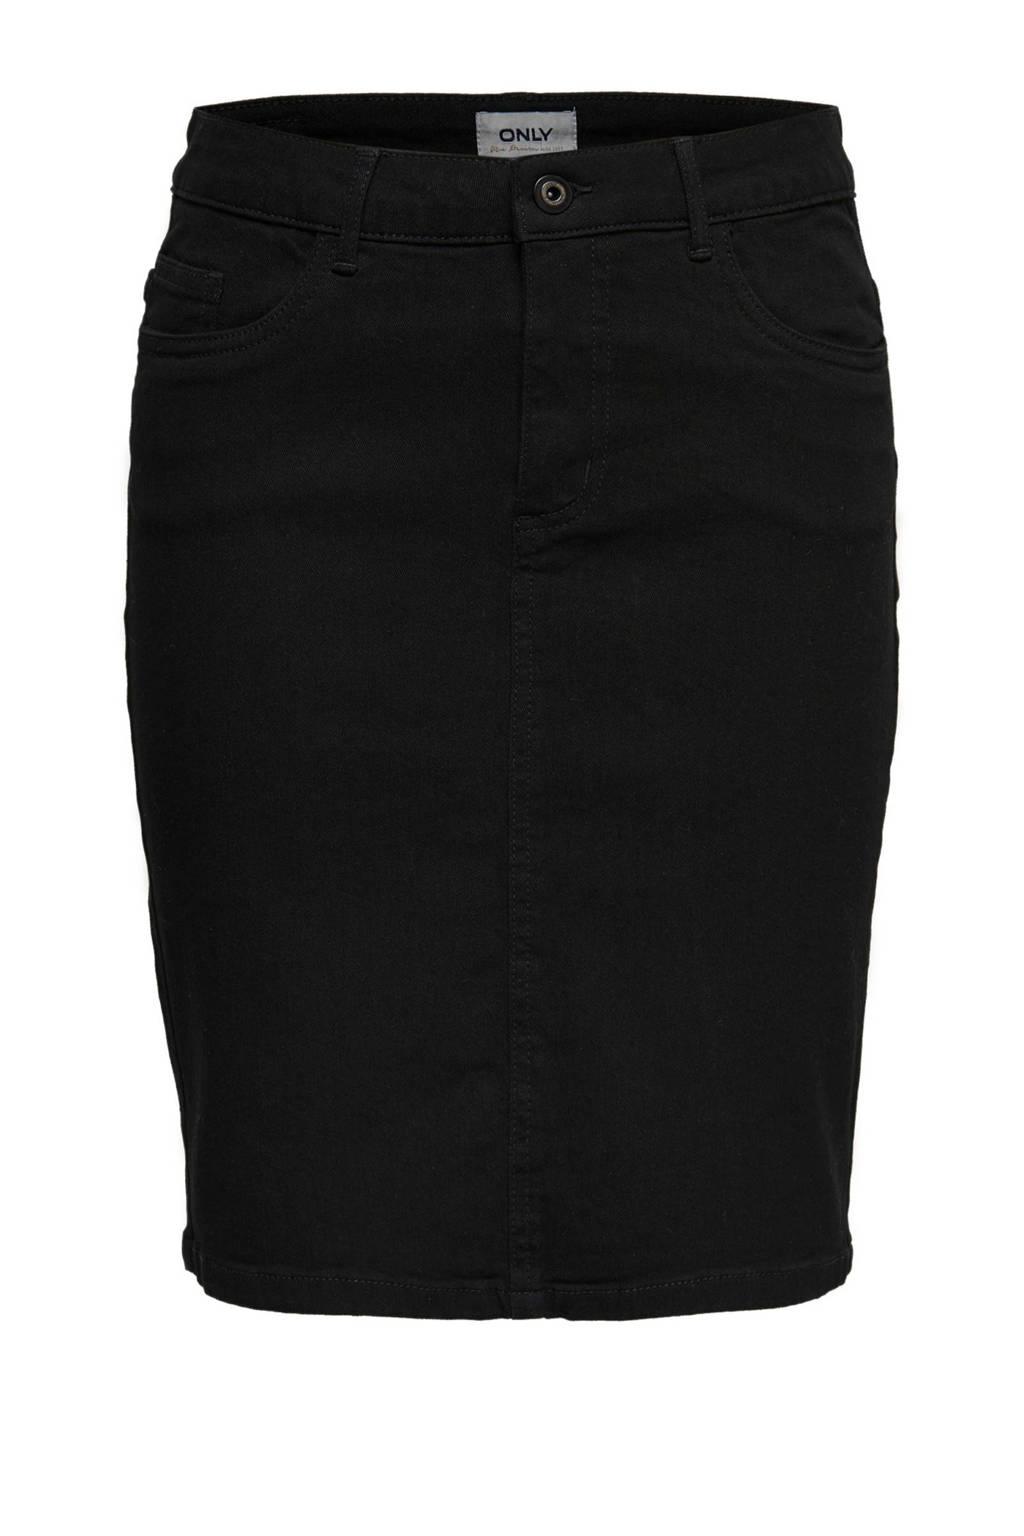 ONLY rok zwart, Zwart